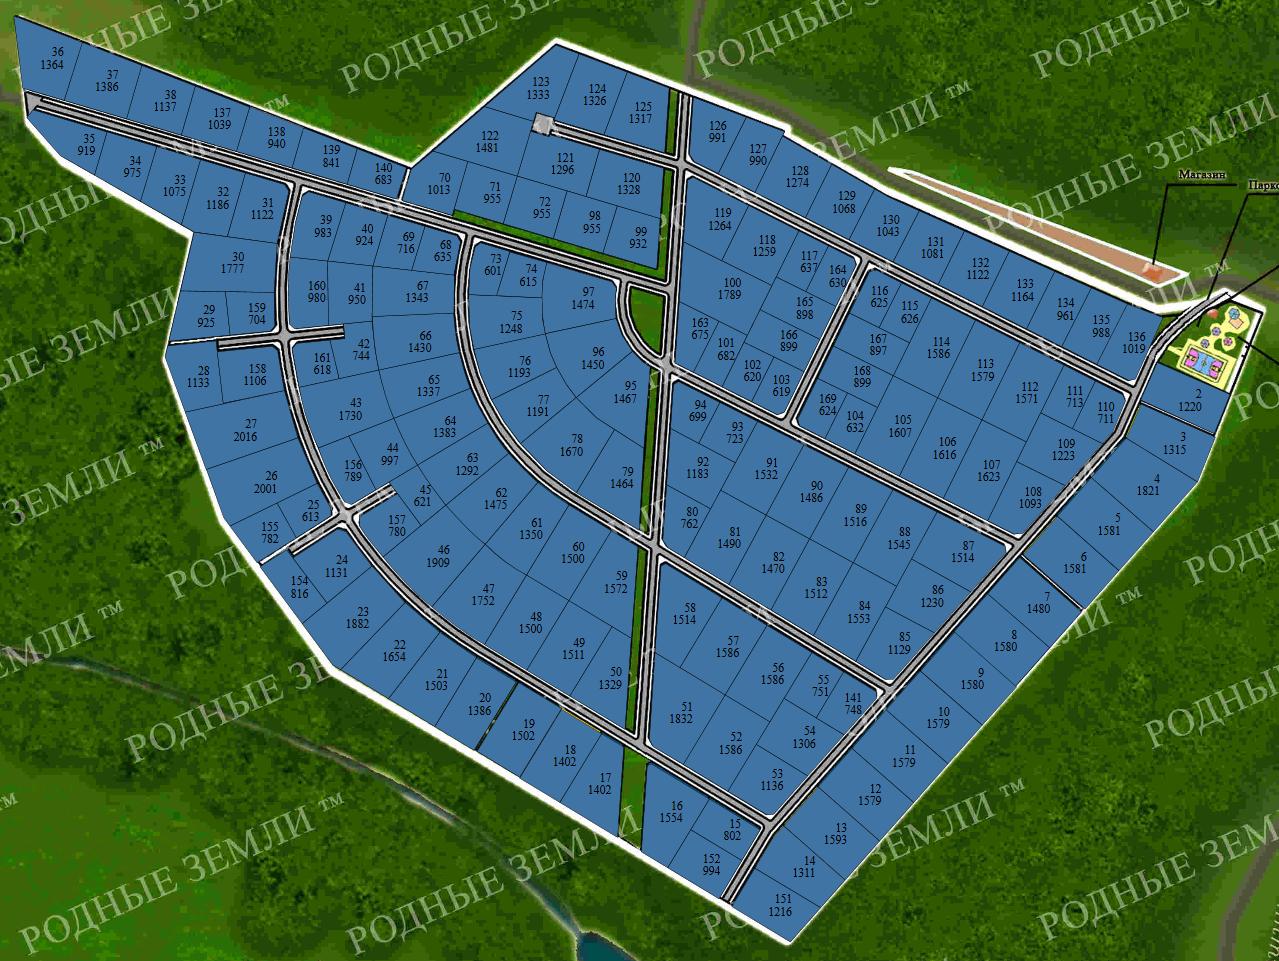 Acquistare terreni in Mayer a buon mercato